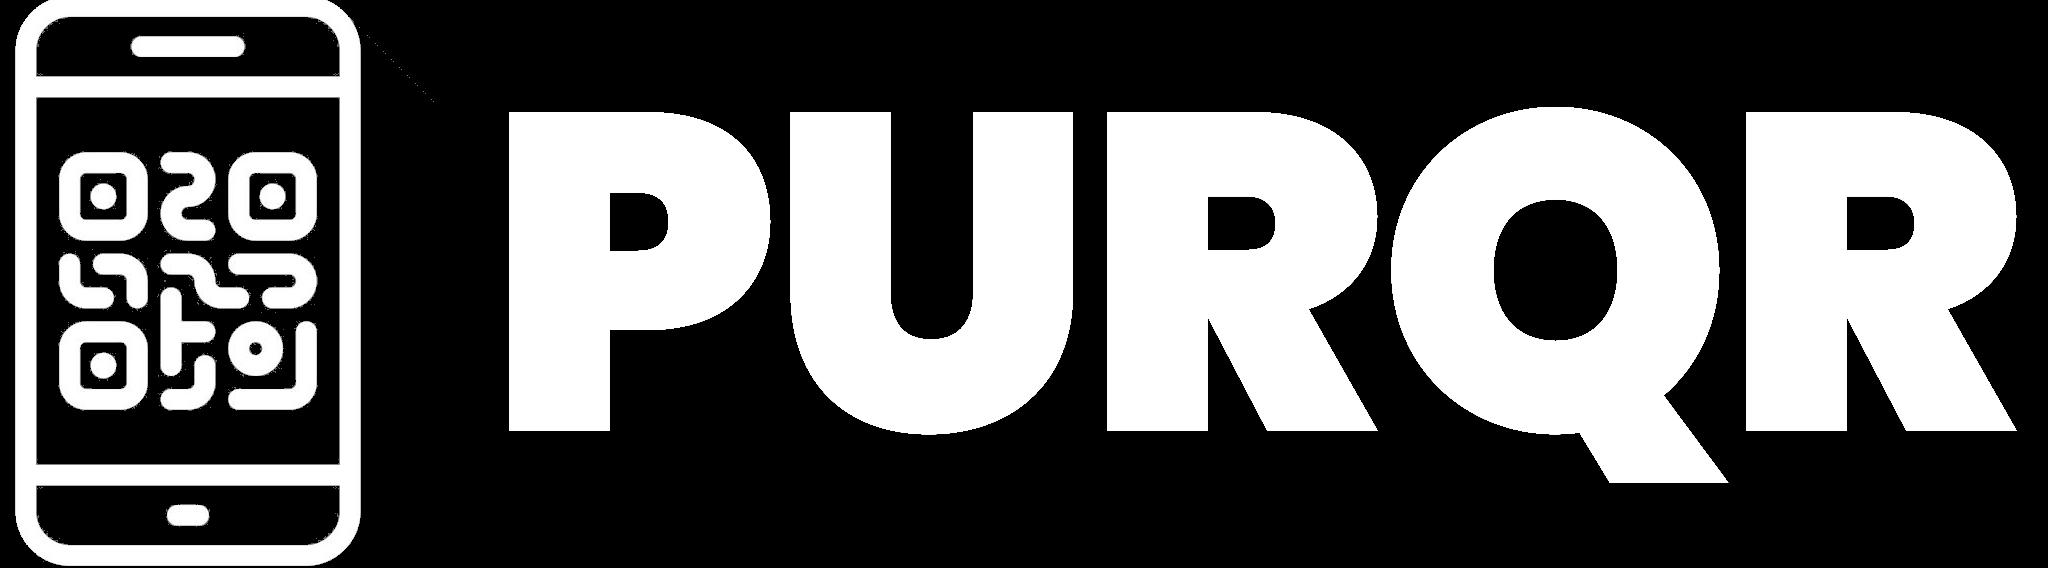 PURQR